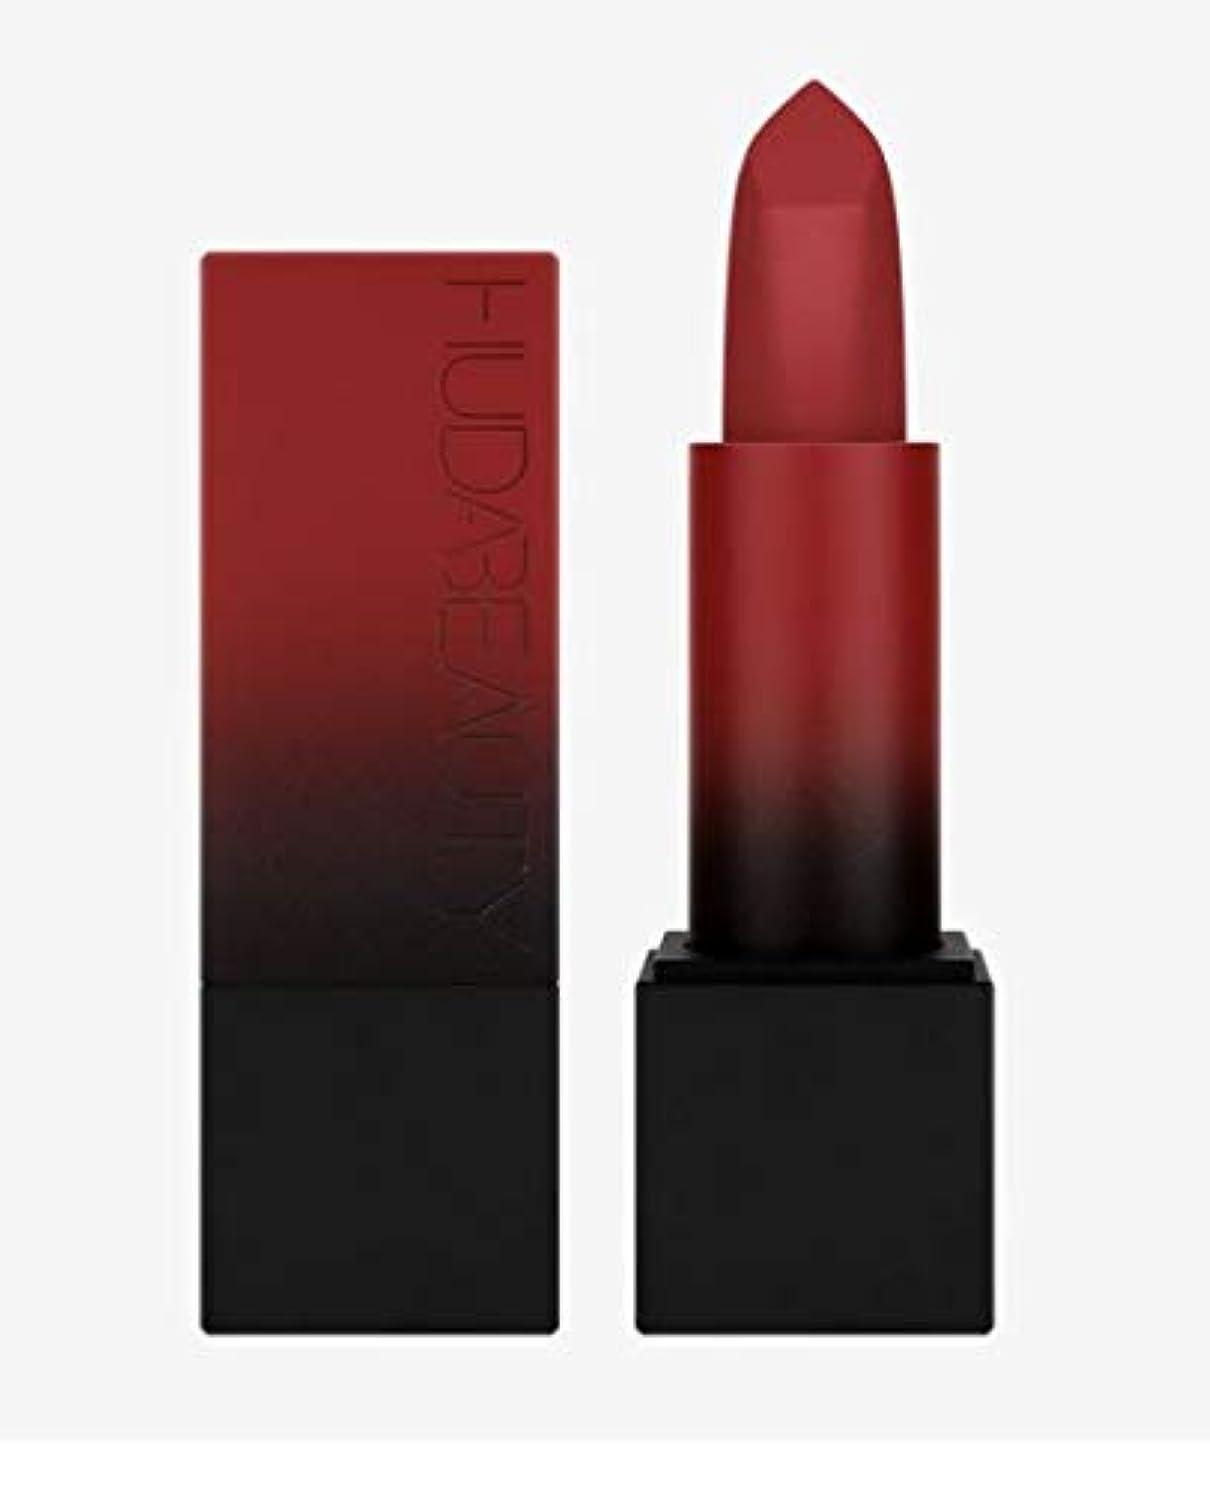 カウボーイ秀でる流出Hudabeauty Power Bullet Matte Lipstick マットリップ Promotion Day